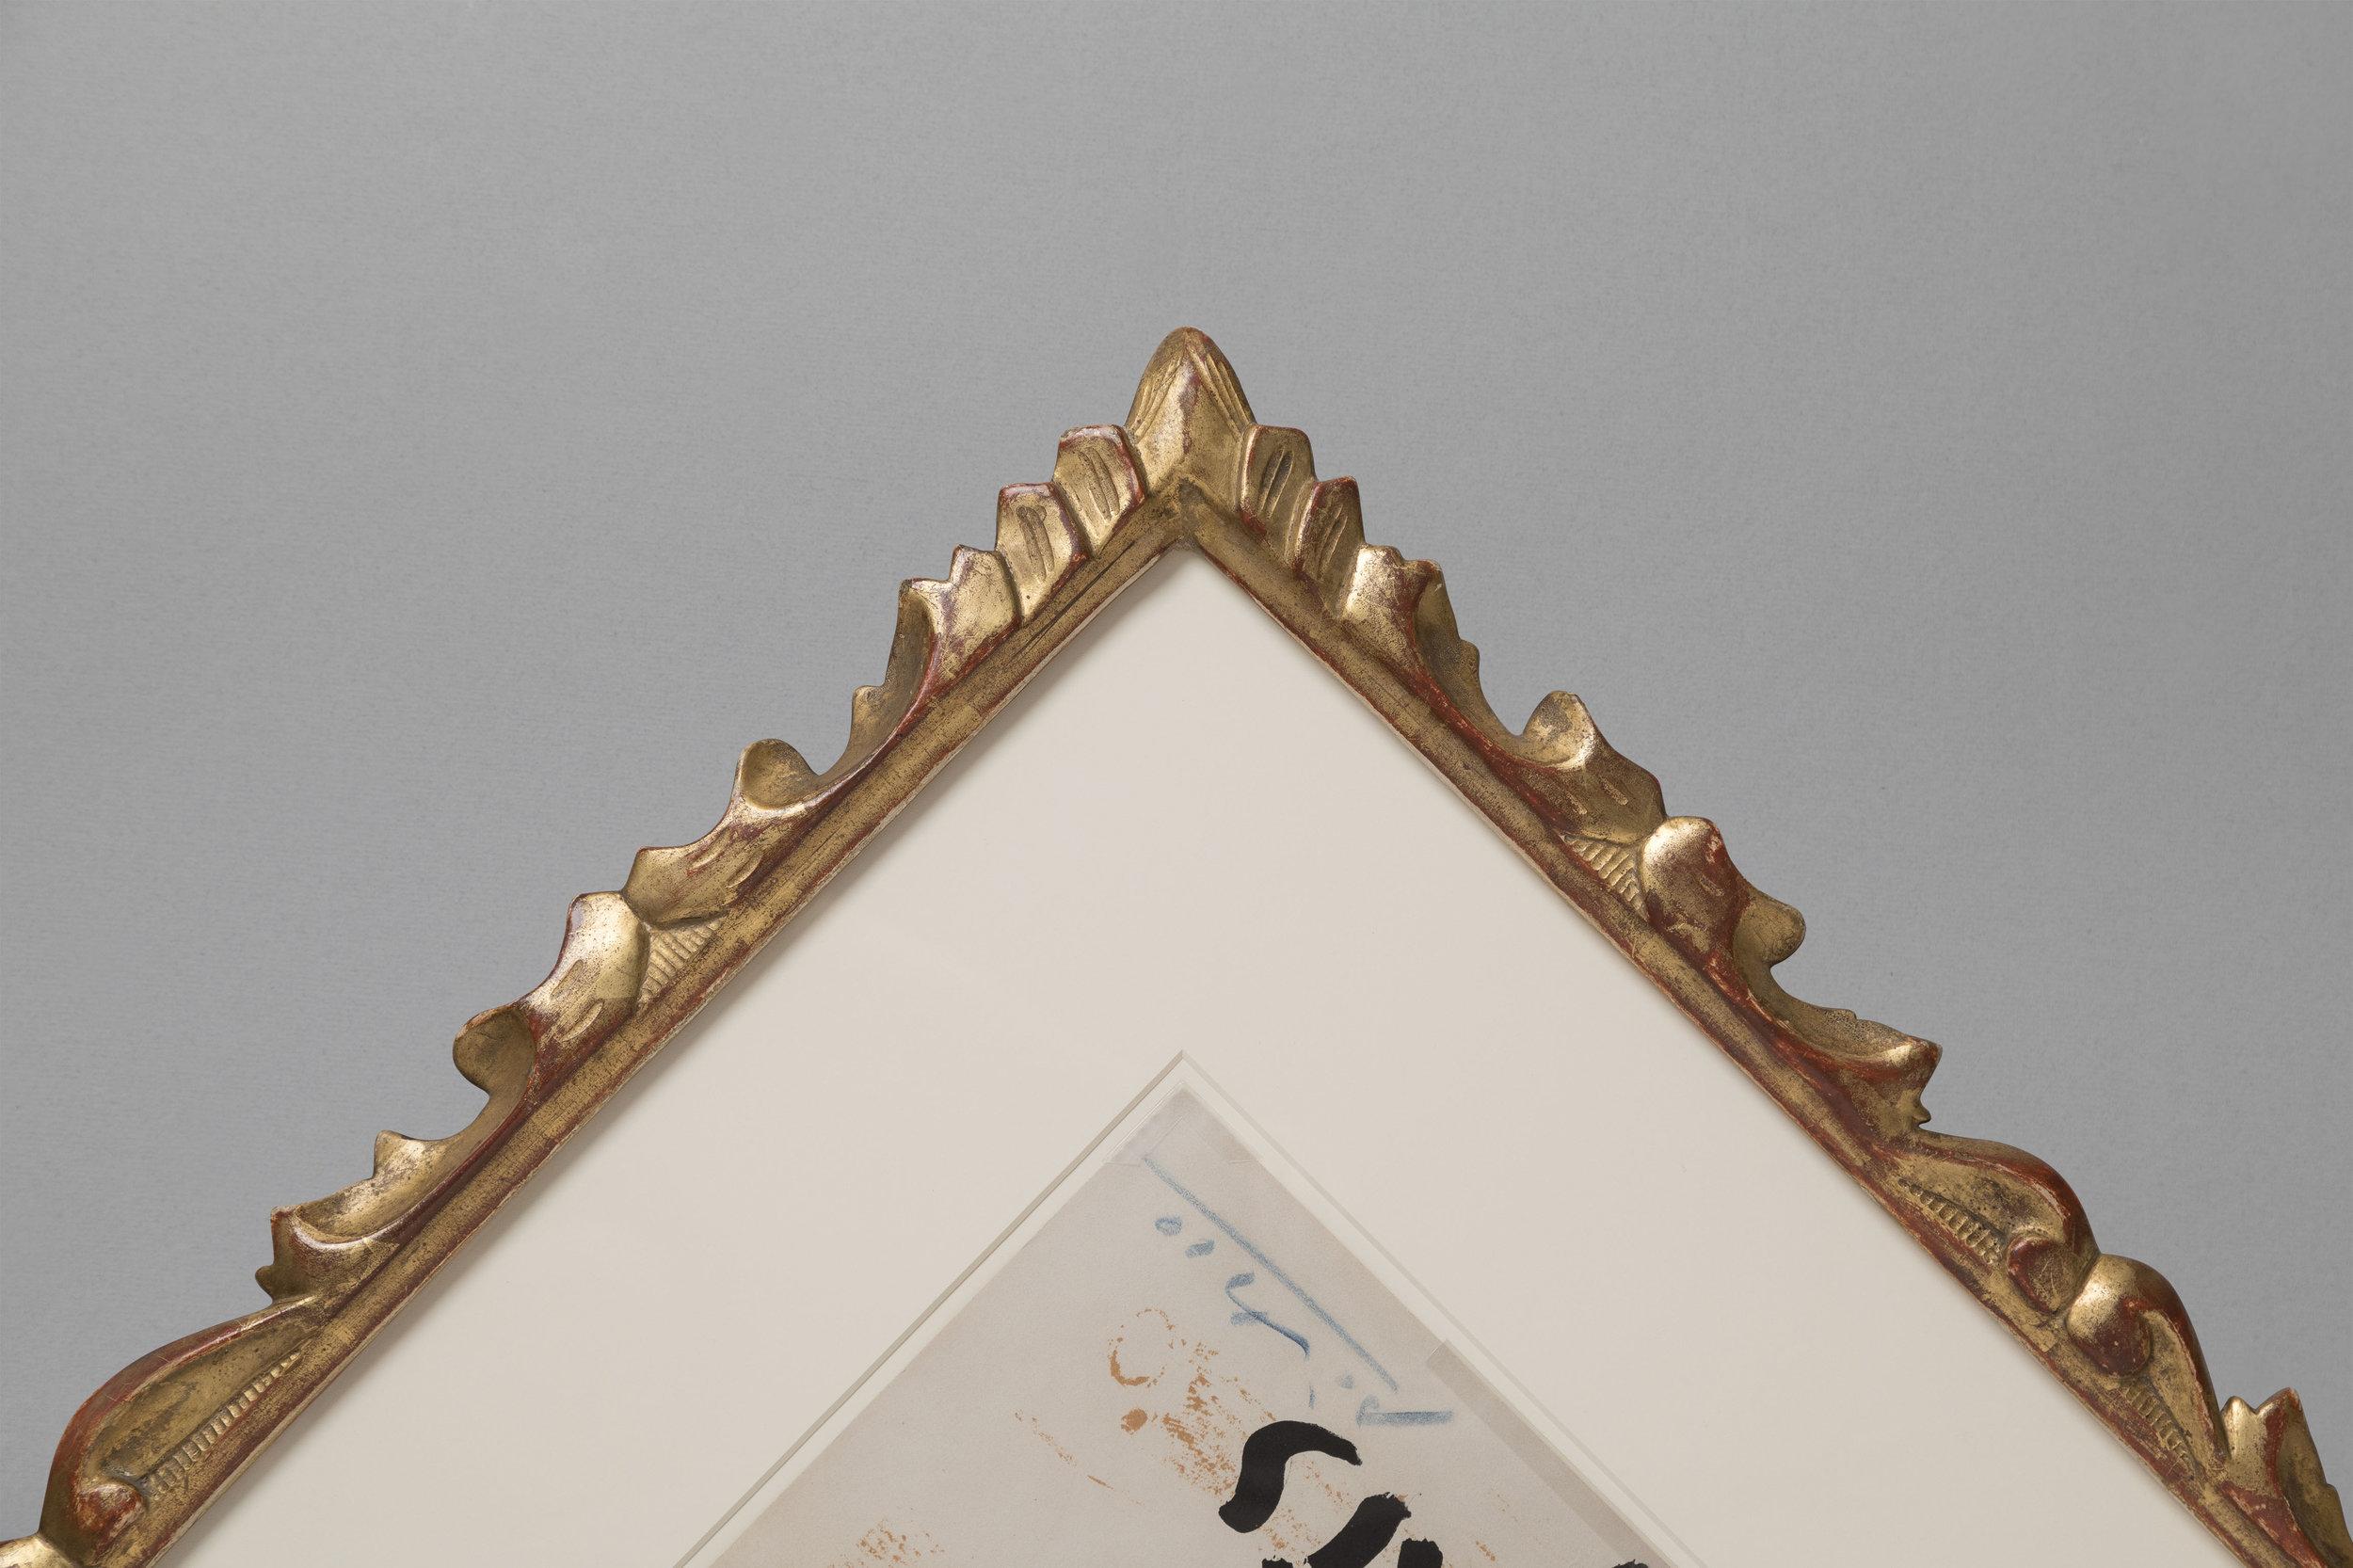 Antique frames for modern works